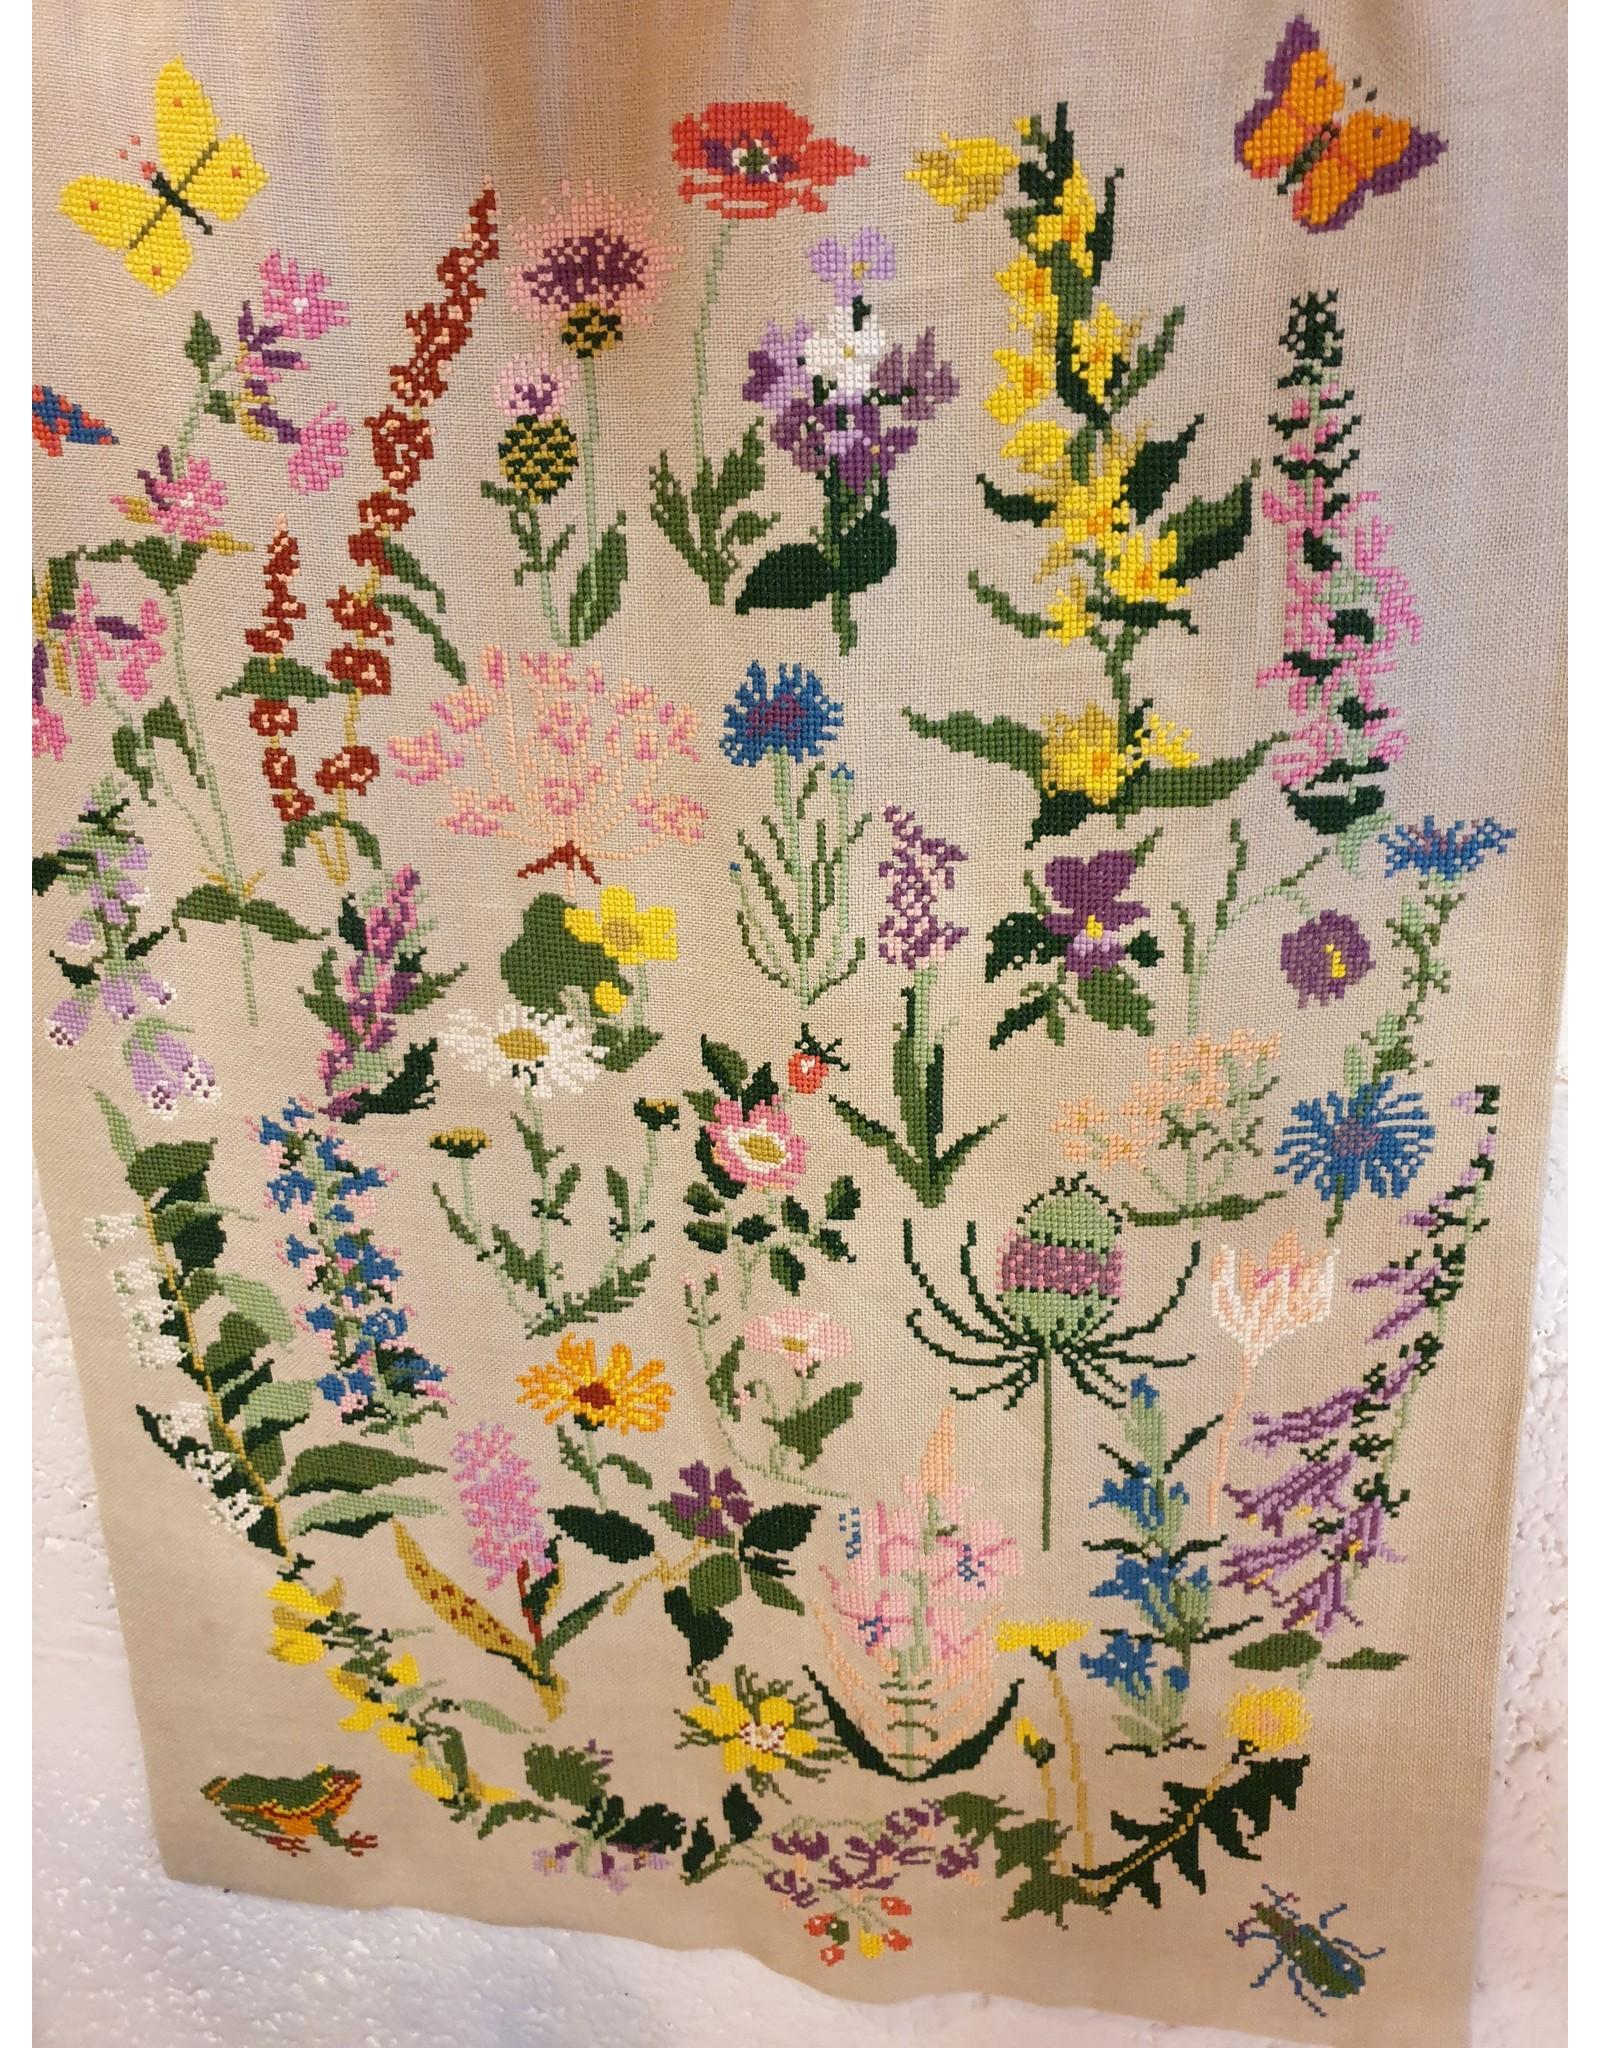 Borduurwerk op linnen van kruiden en planten